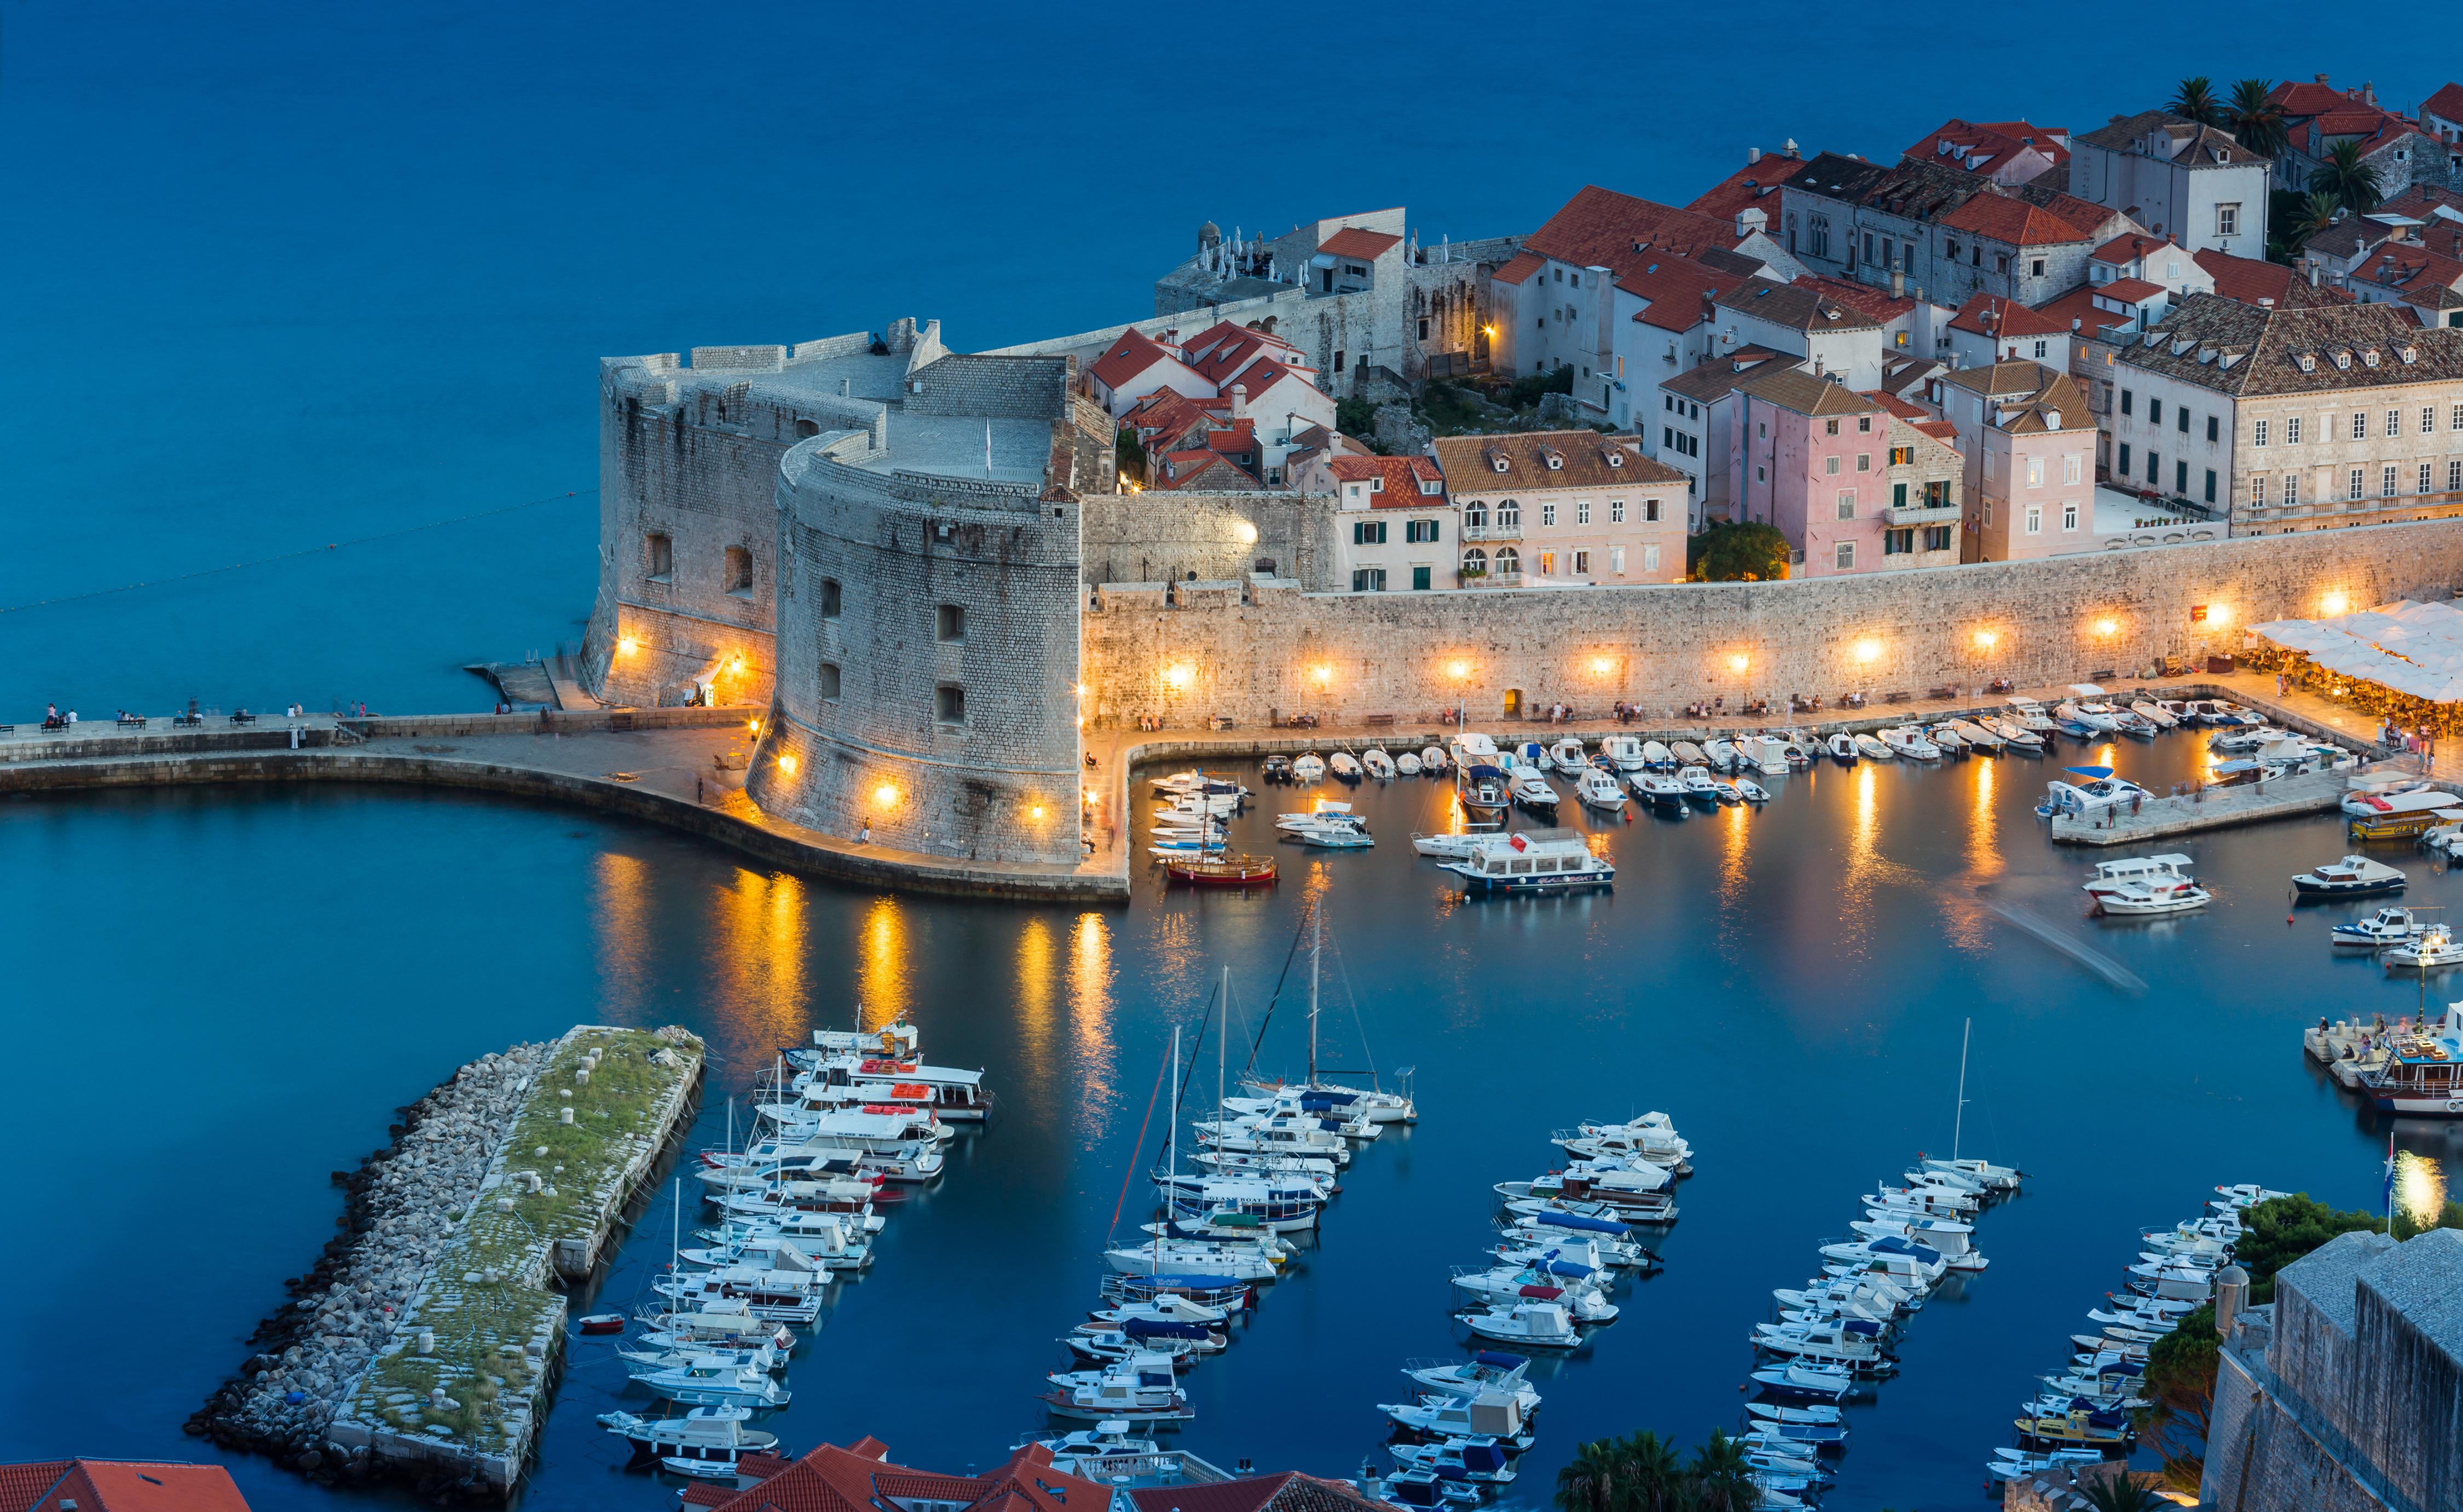 Date un paseo por las murallas de Dubrovnik - Croacia Circuito Croacia Total: de Zagreb a Dubrovnik